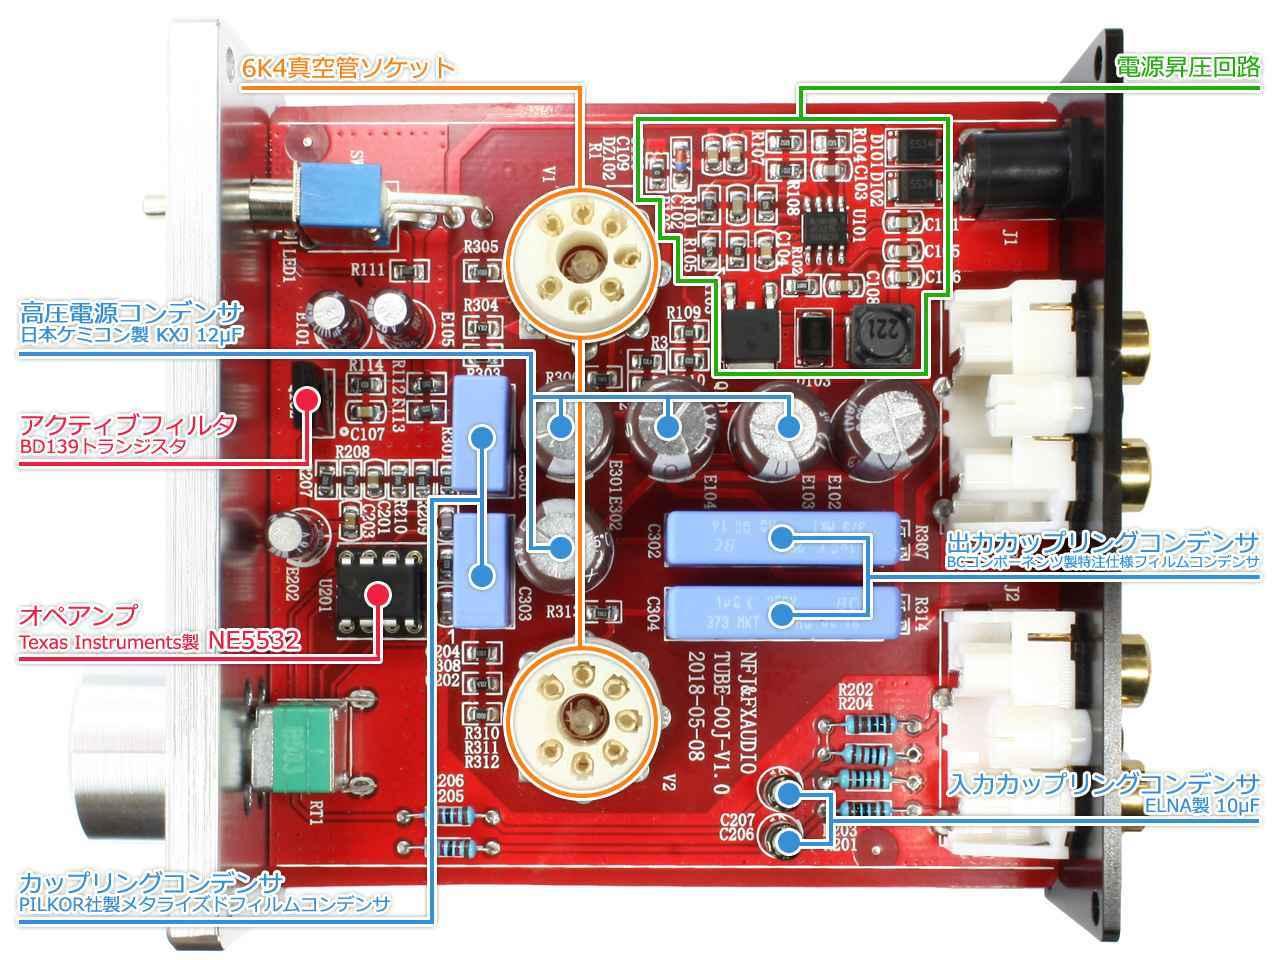 画像: 内部回路。高品質な部品が多数使われている